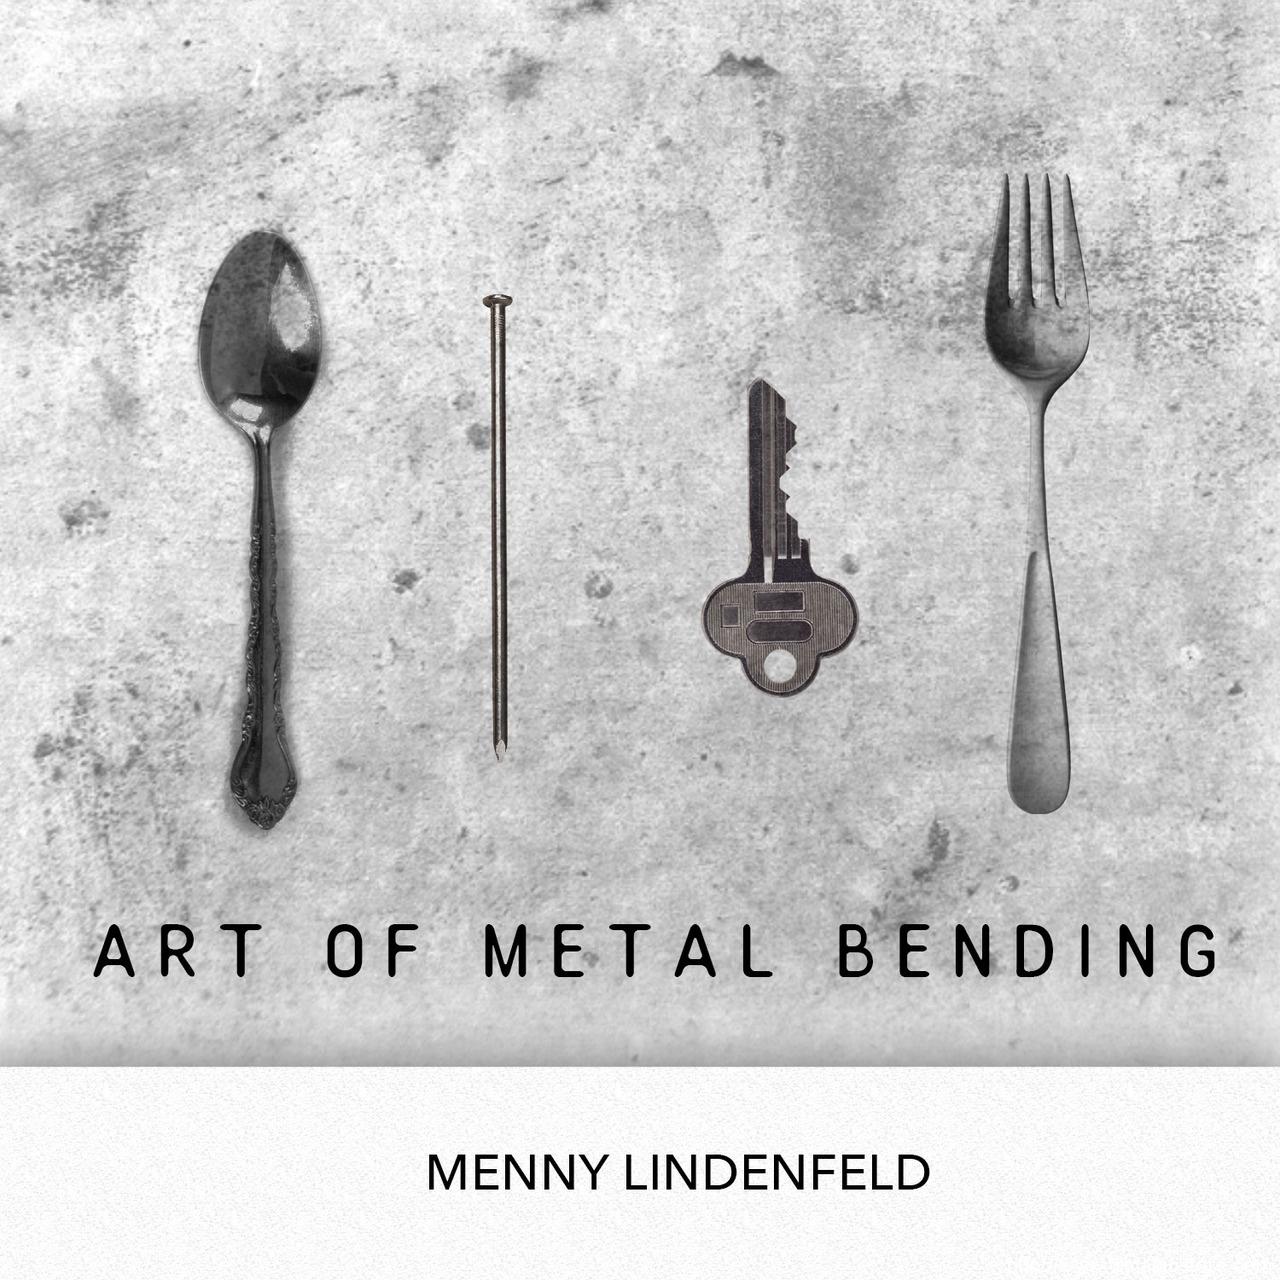 Art of Metal Bending by Menny Lindenfeld (Instant Download)